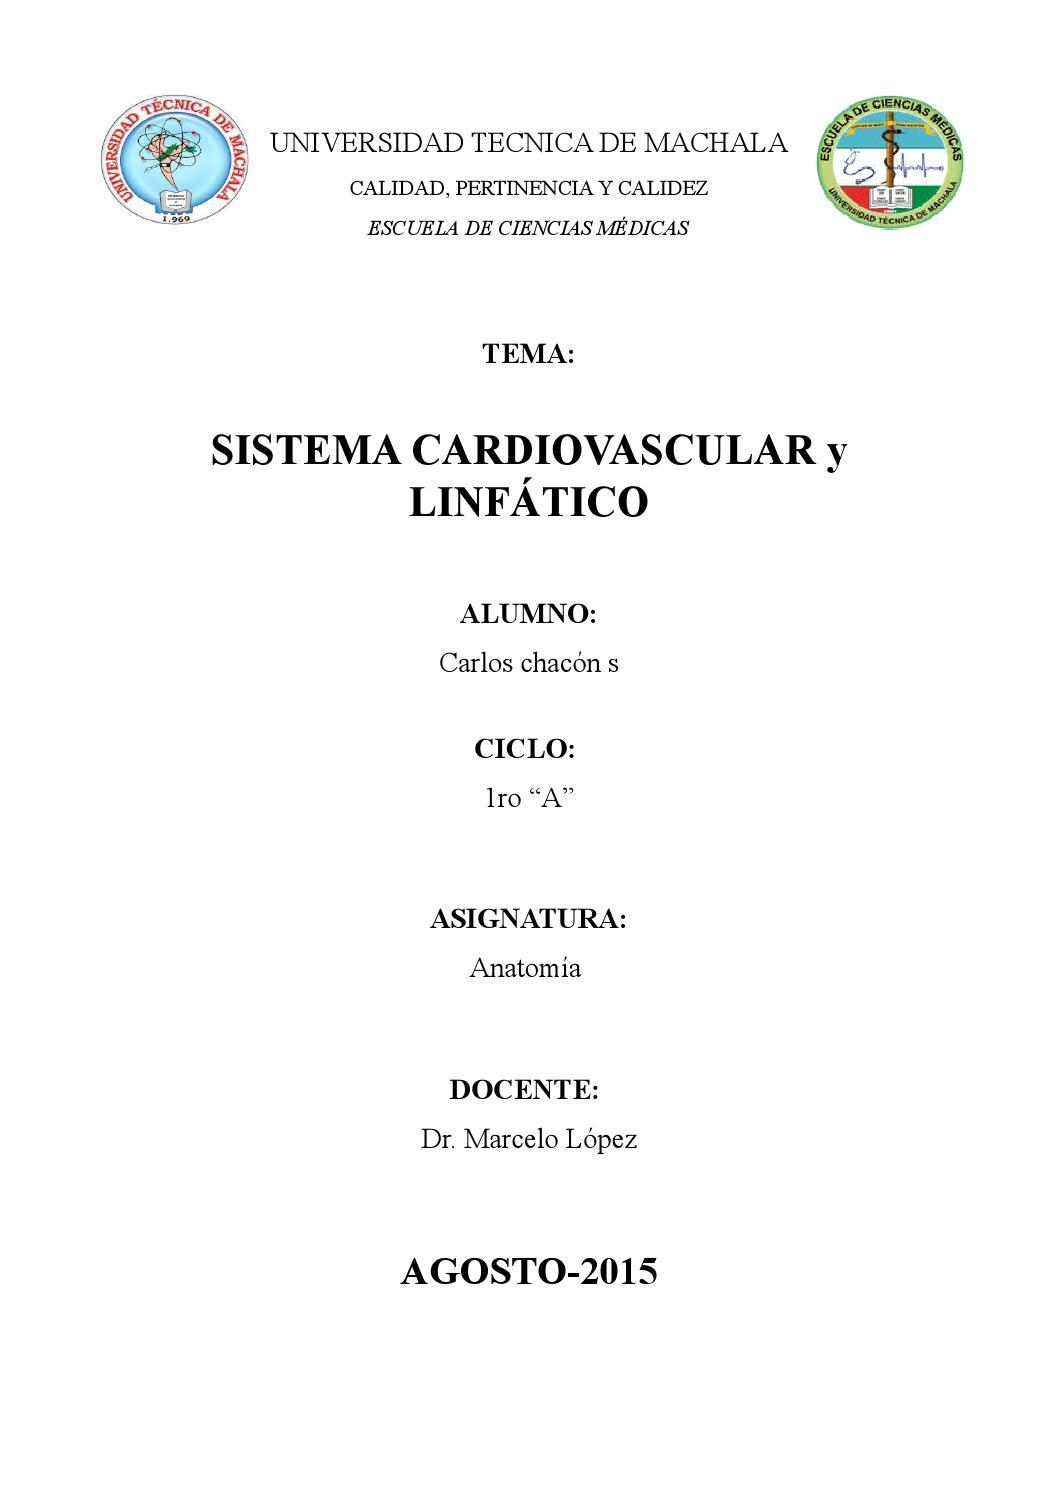 Libro de anatomia by Carlos Albert Chacon - issuu